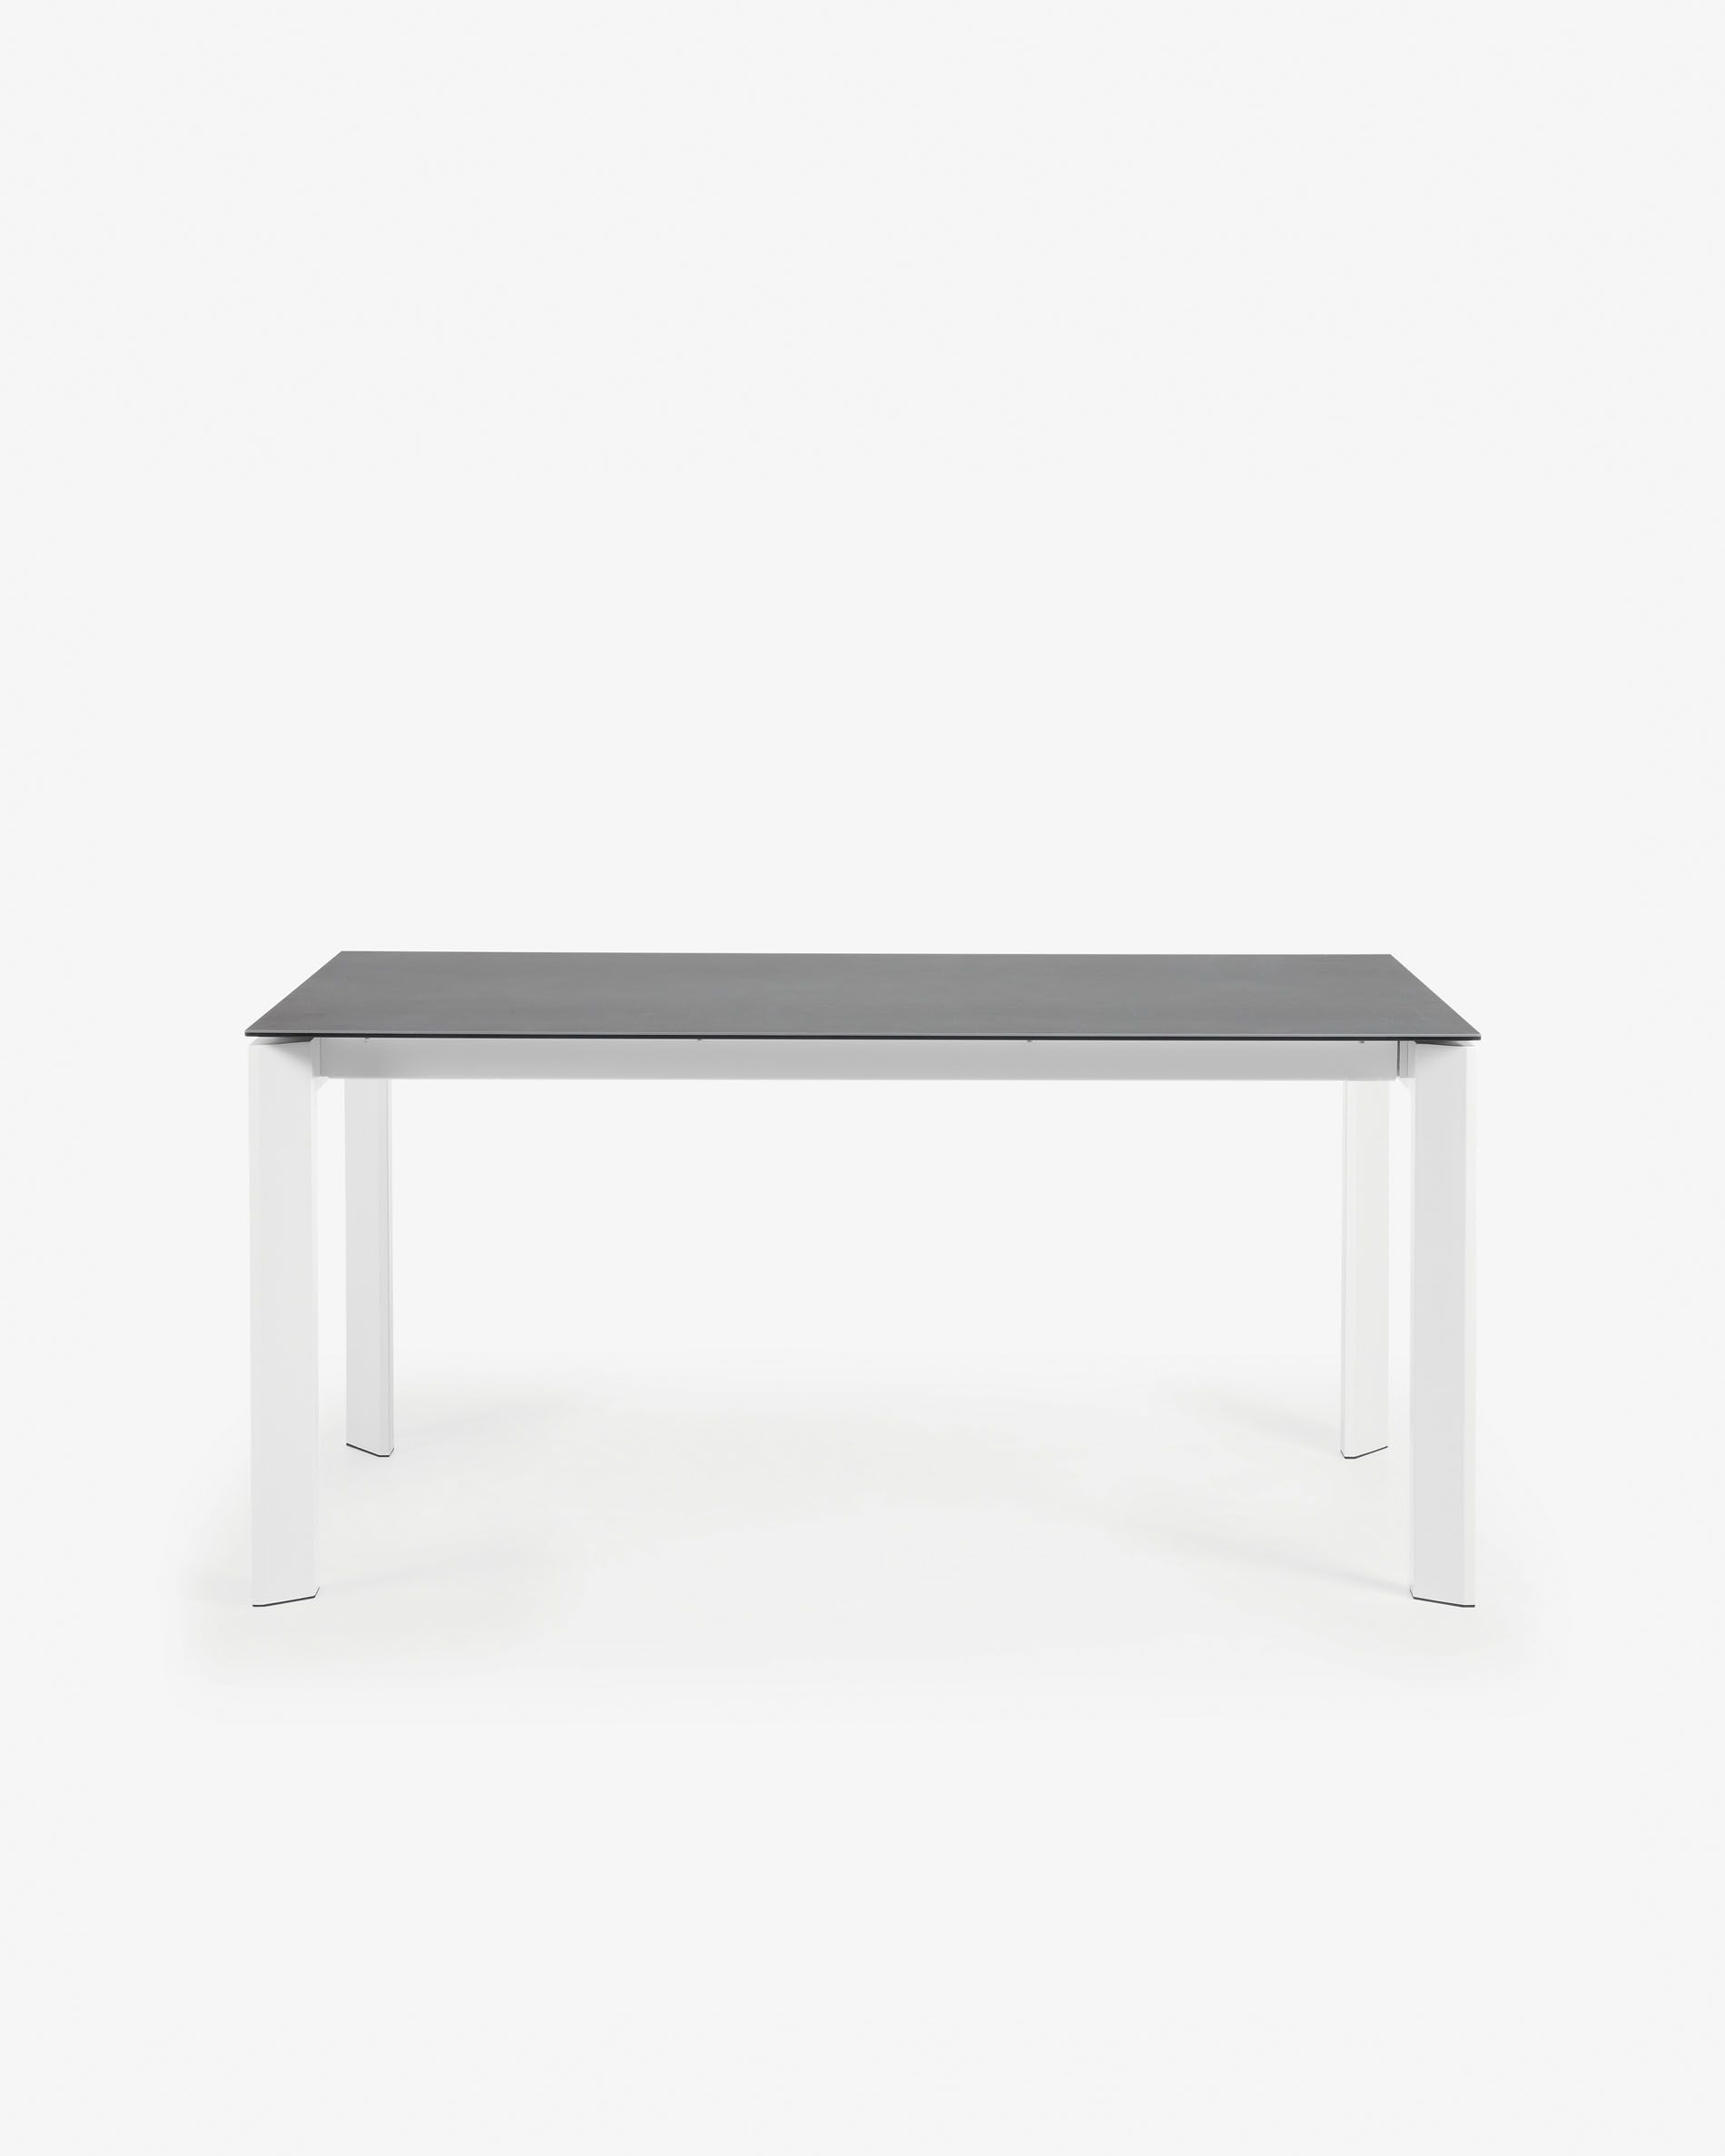 Table Extensible Exterieur Élégant Table Extensible Axis 160 220 Cm Gr¨s Cérame Finition